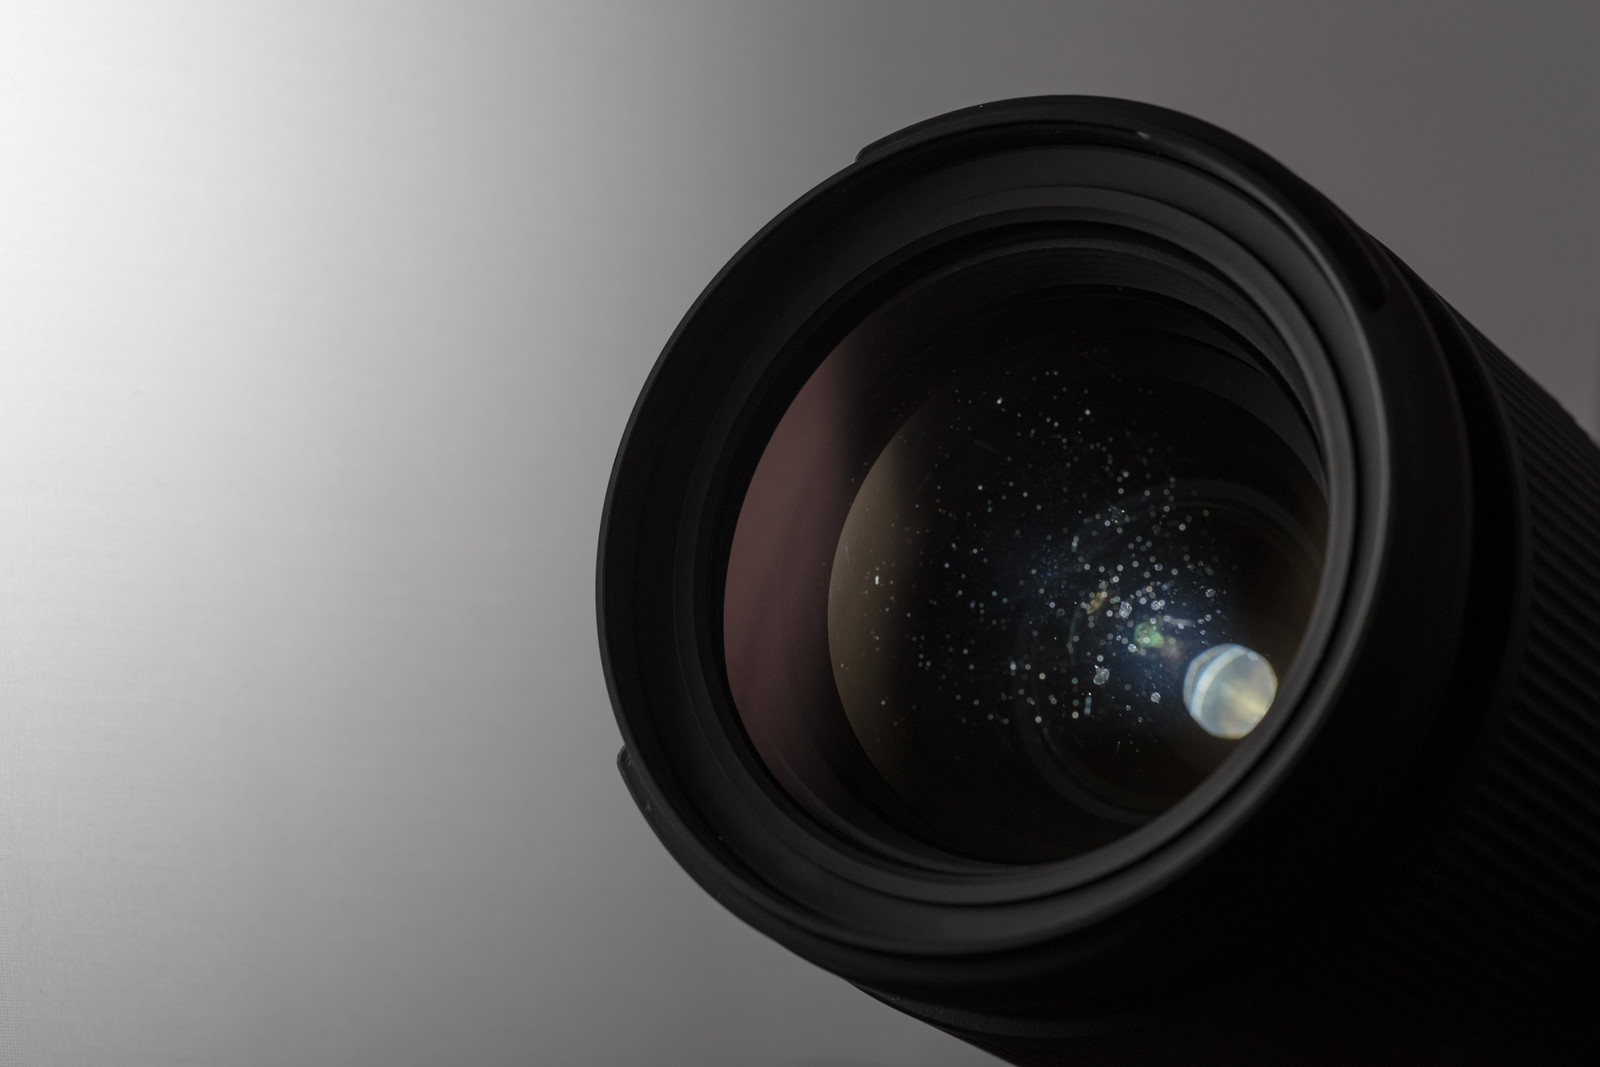 「レンズの水滴痕が影響」の写真